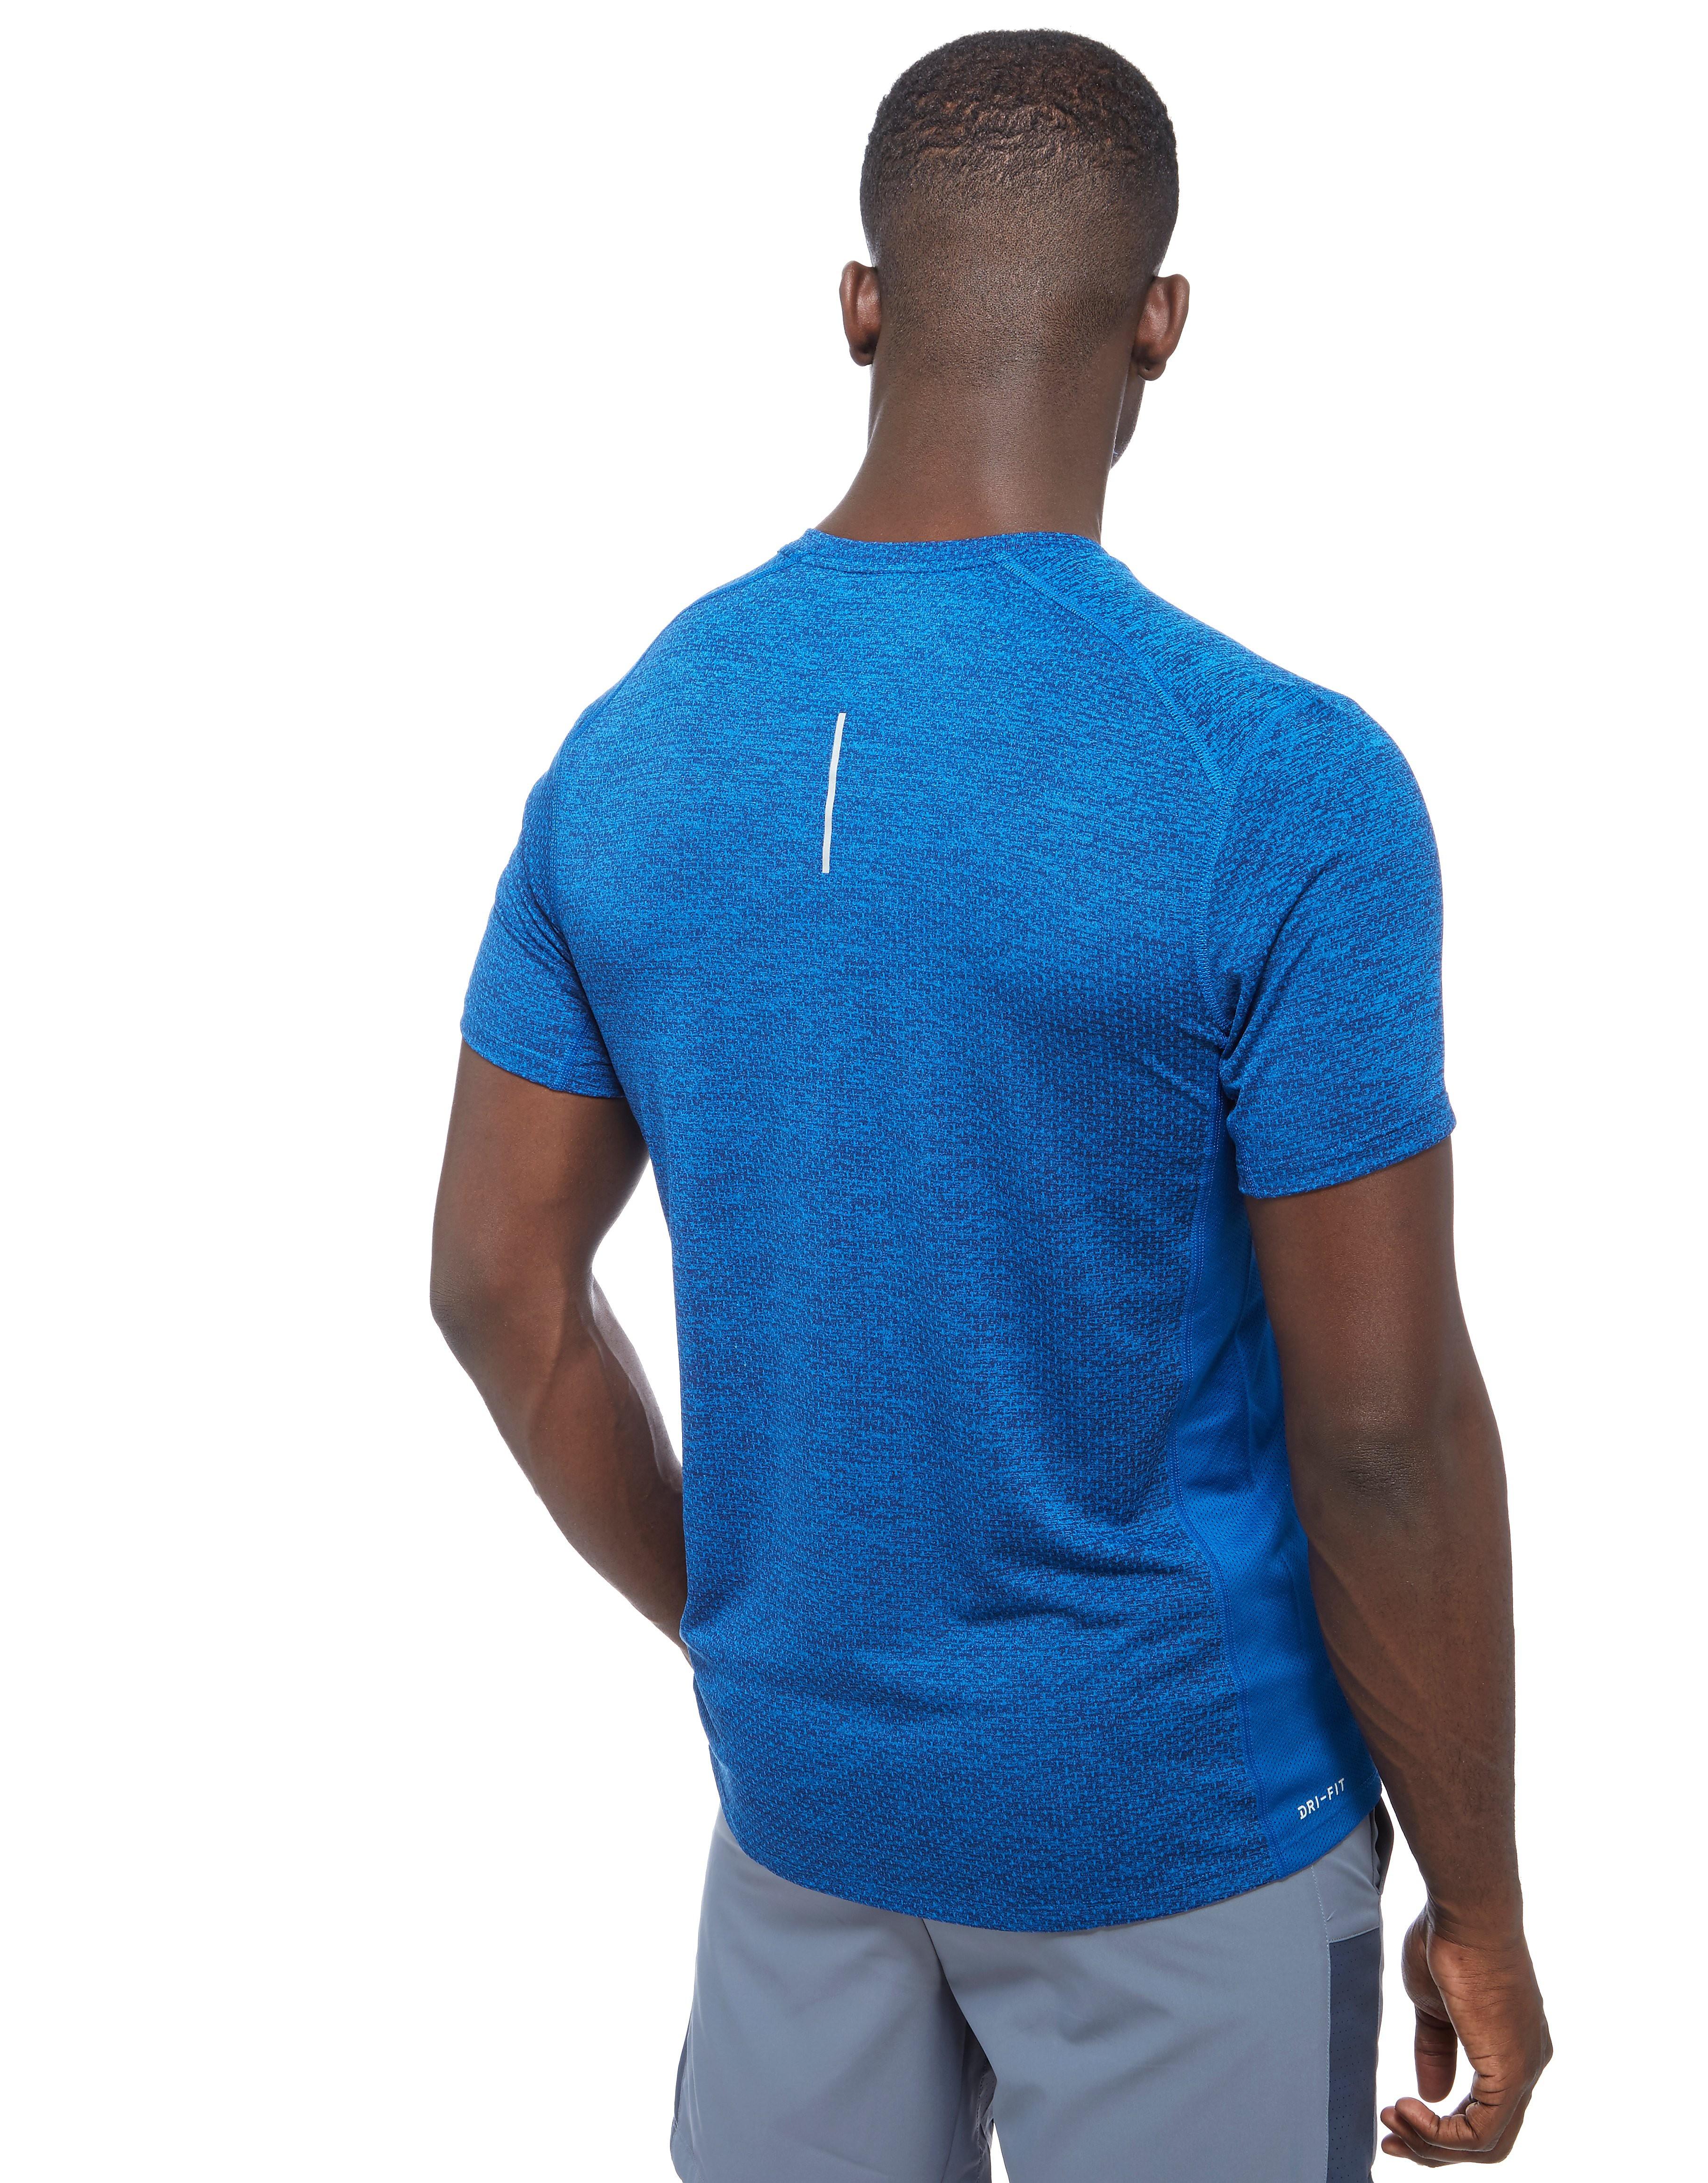 Nike camiseta Miler Cool